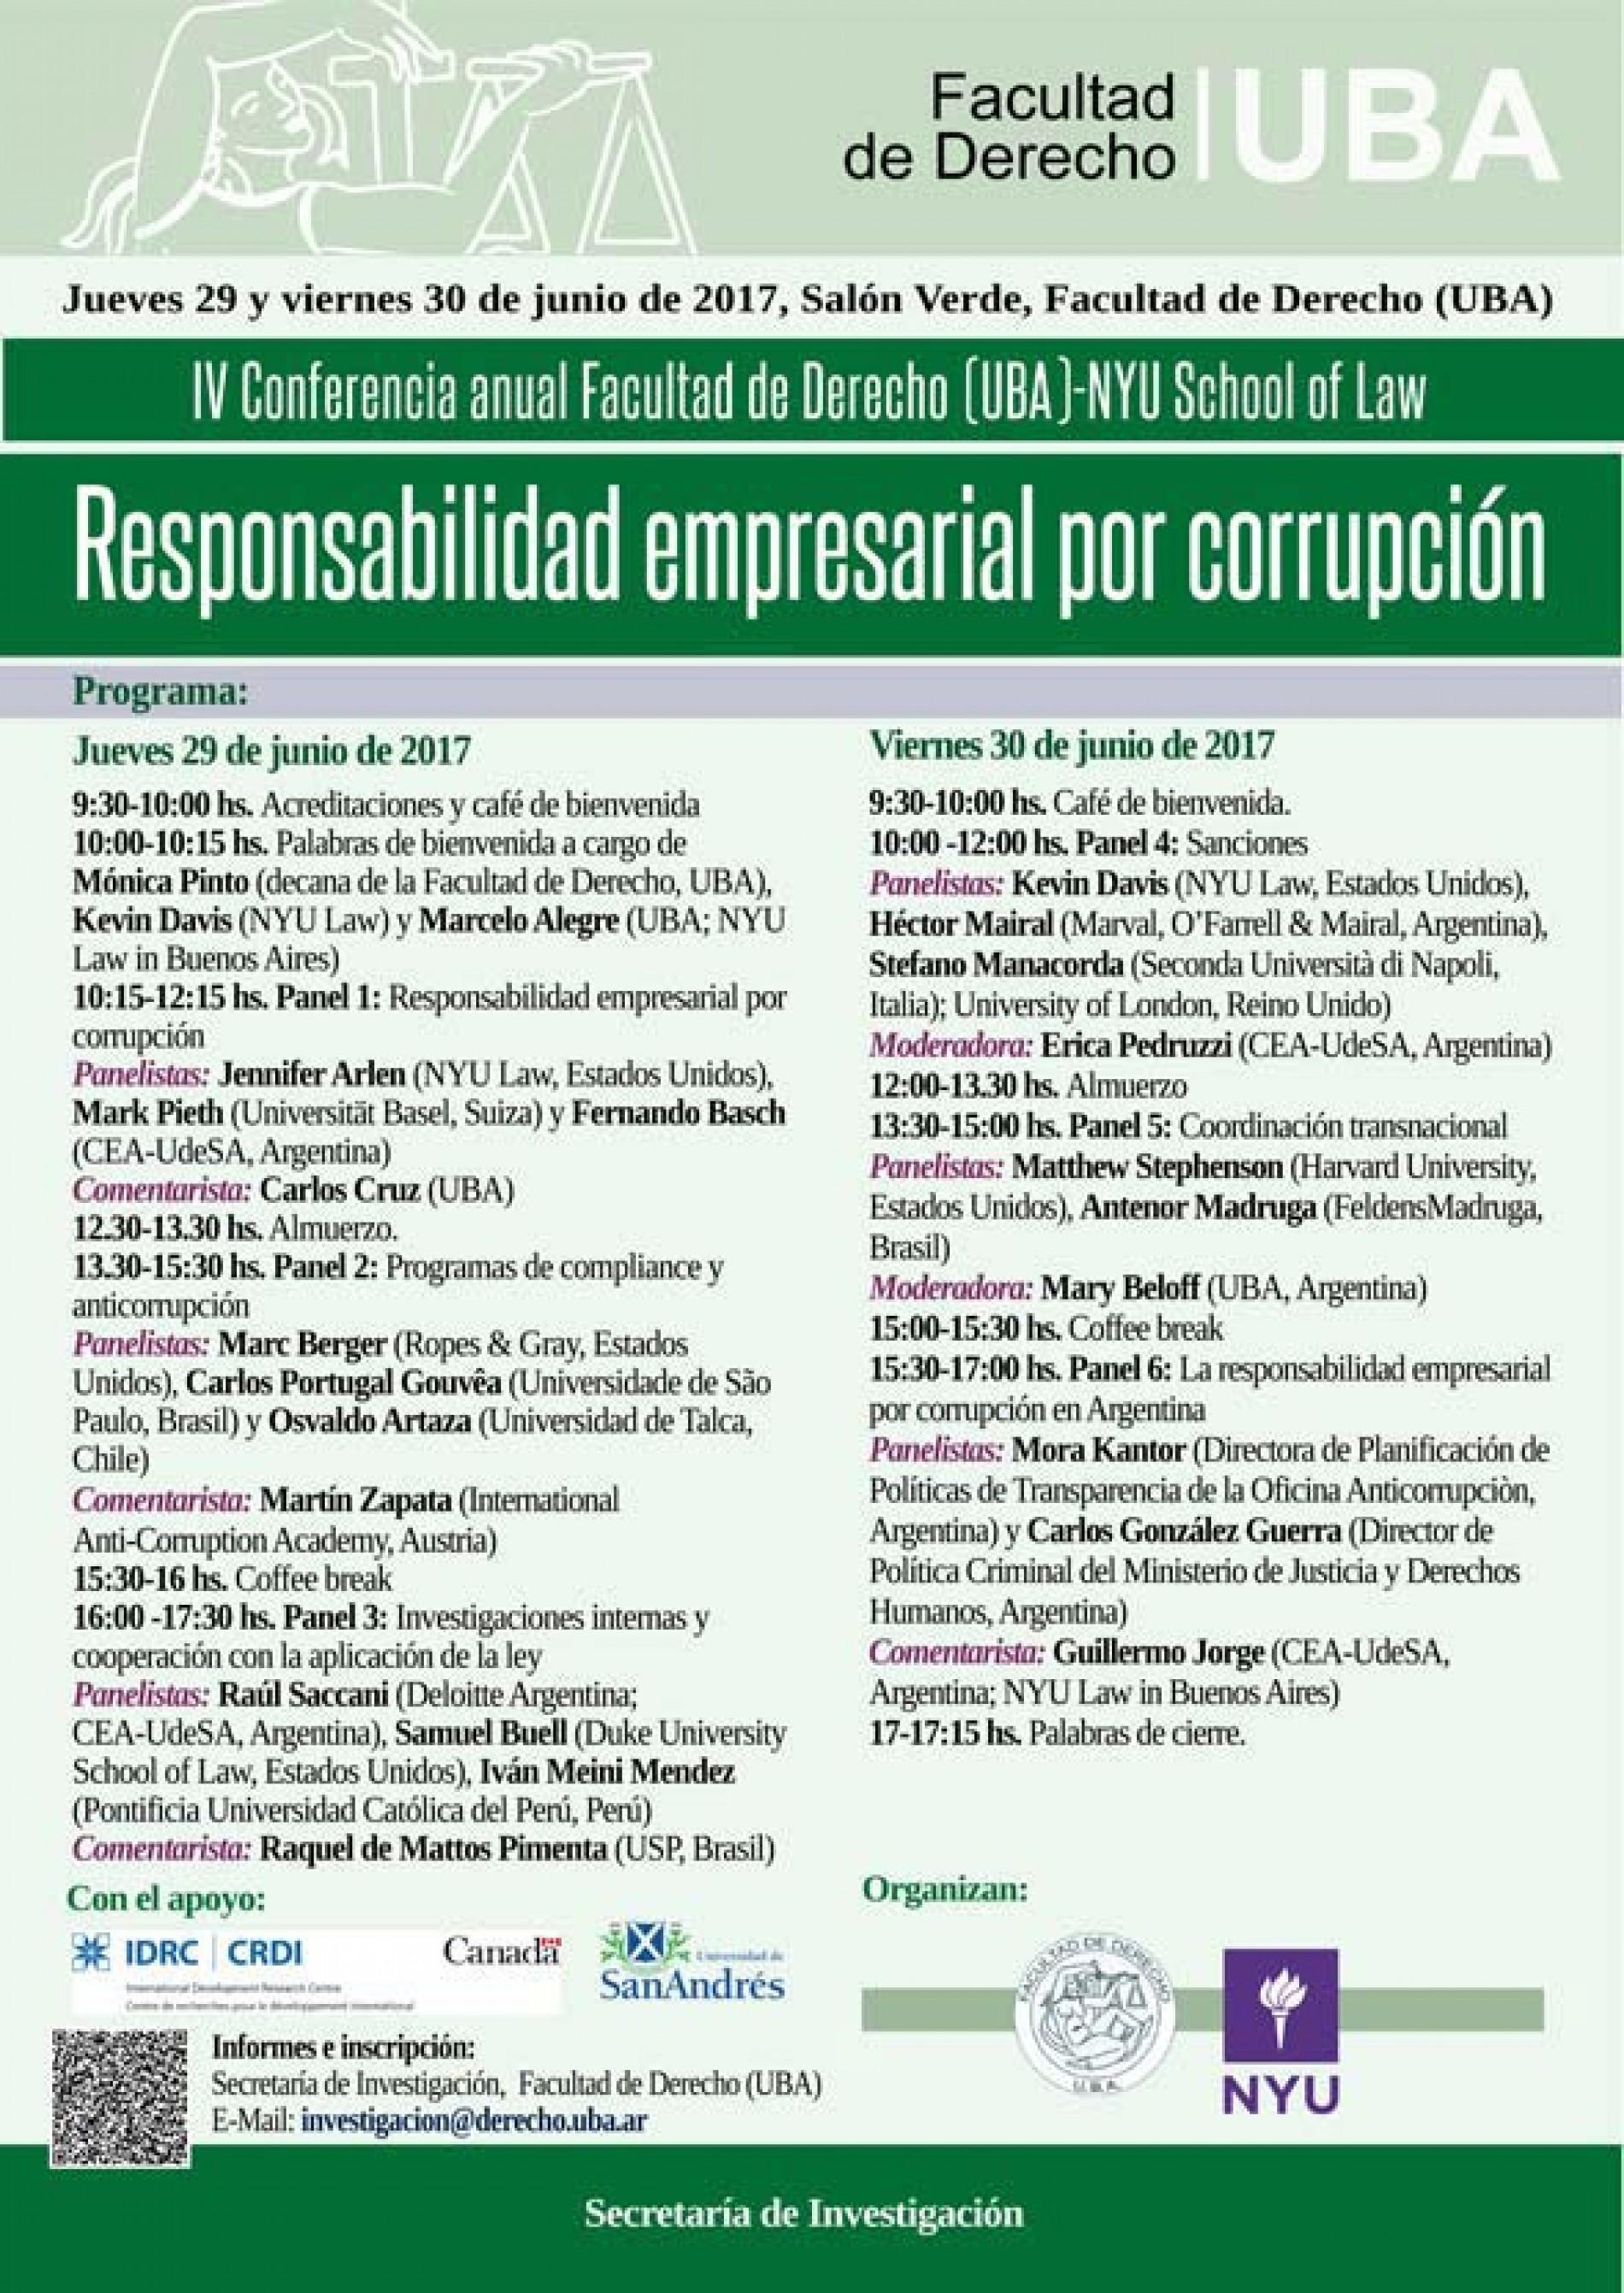 «IV Conferencia anual Facultad de Derecho (UBA)-NYU School of Law: Responsabilidad empresarial por corrupción